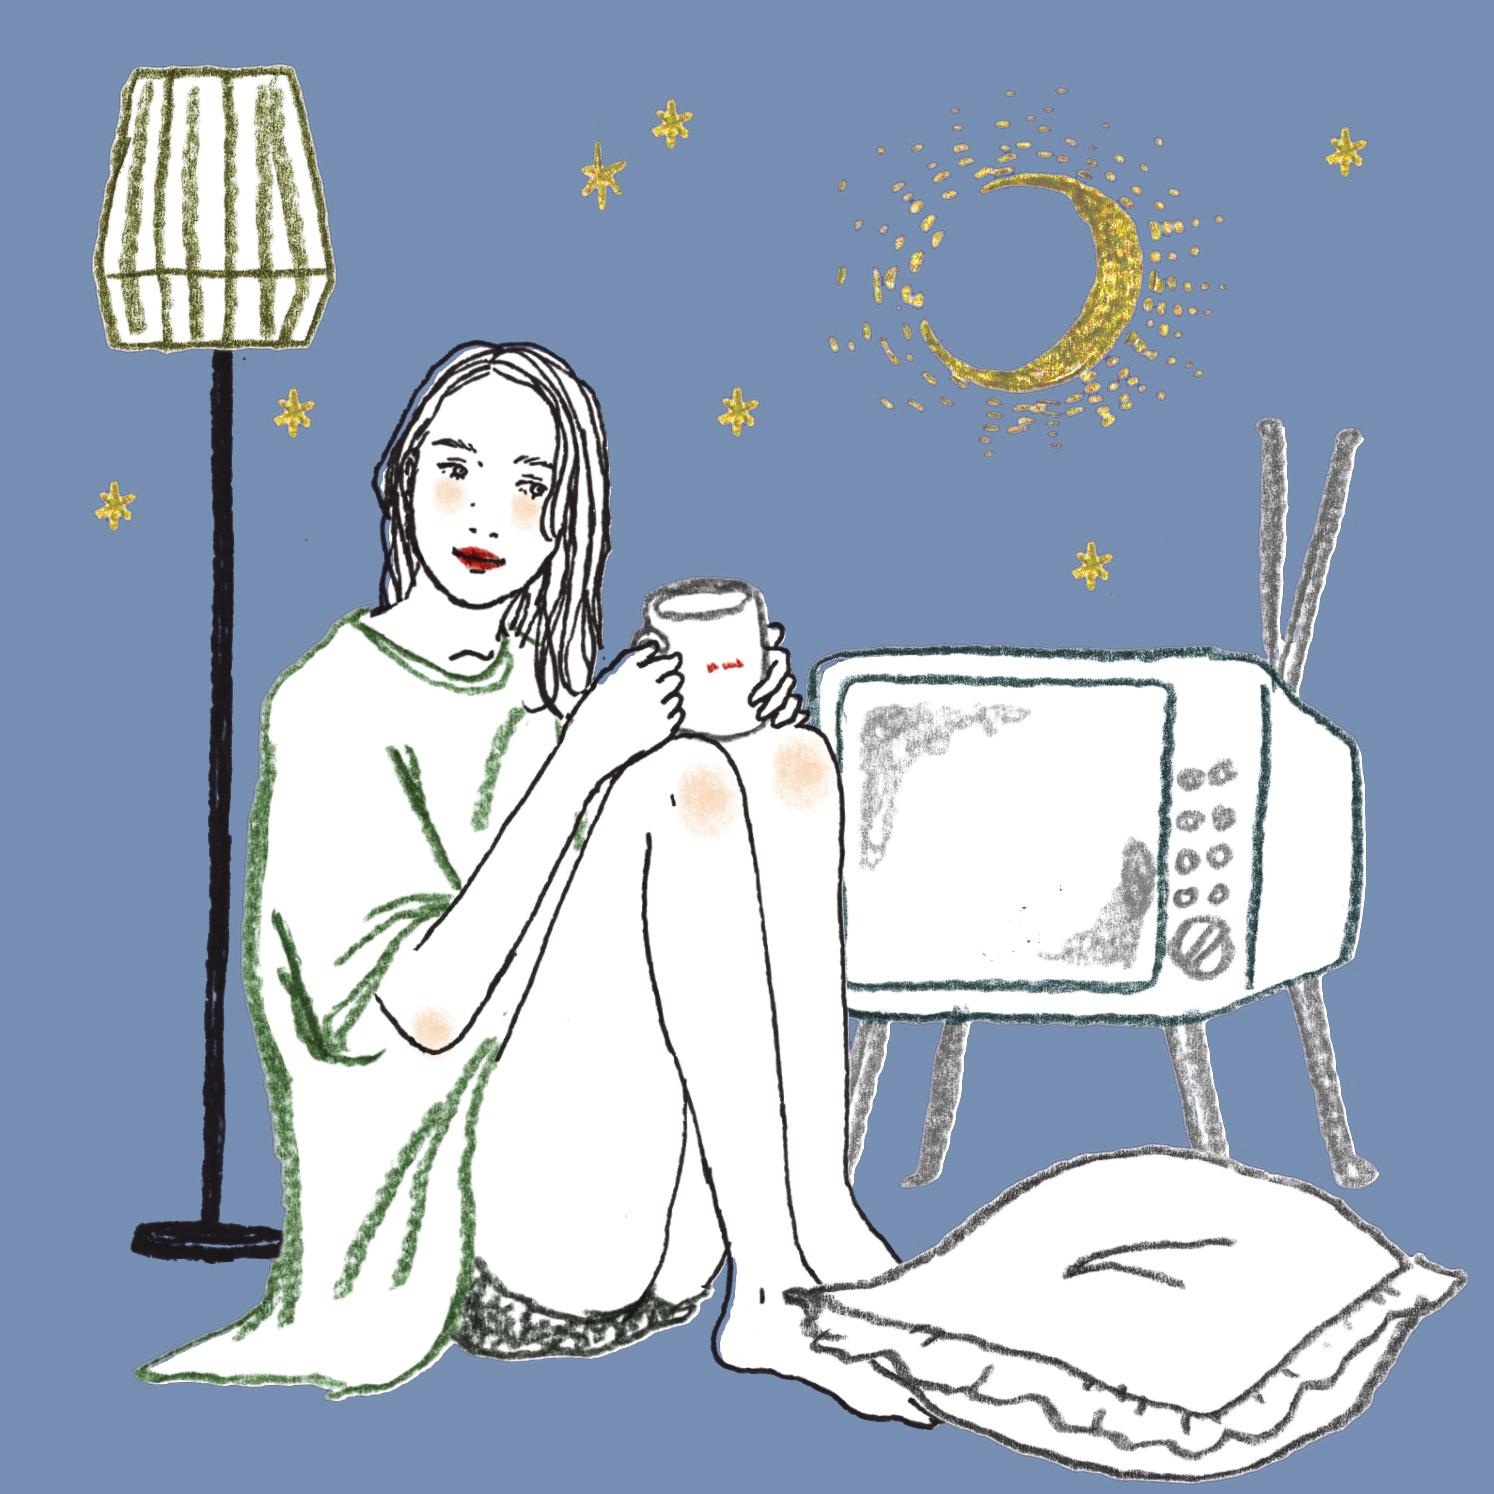 Q:夜楽しみにしているテレビ番組は次のうちどれですか?